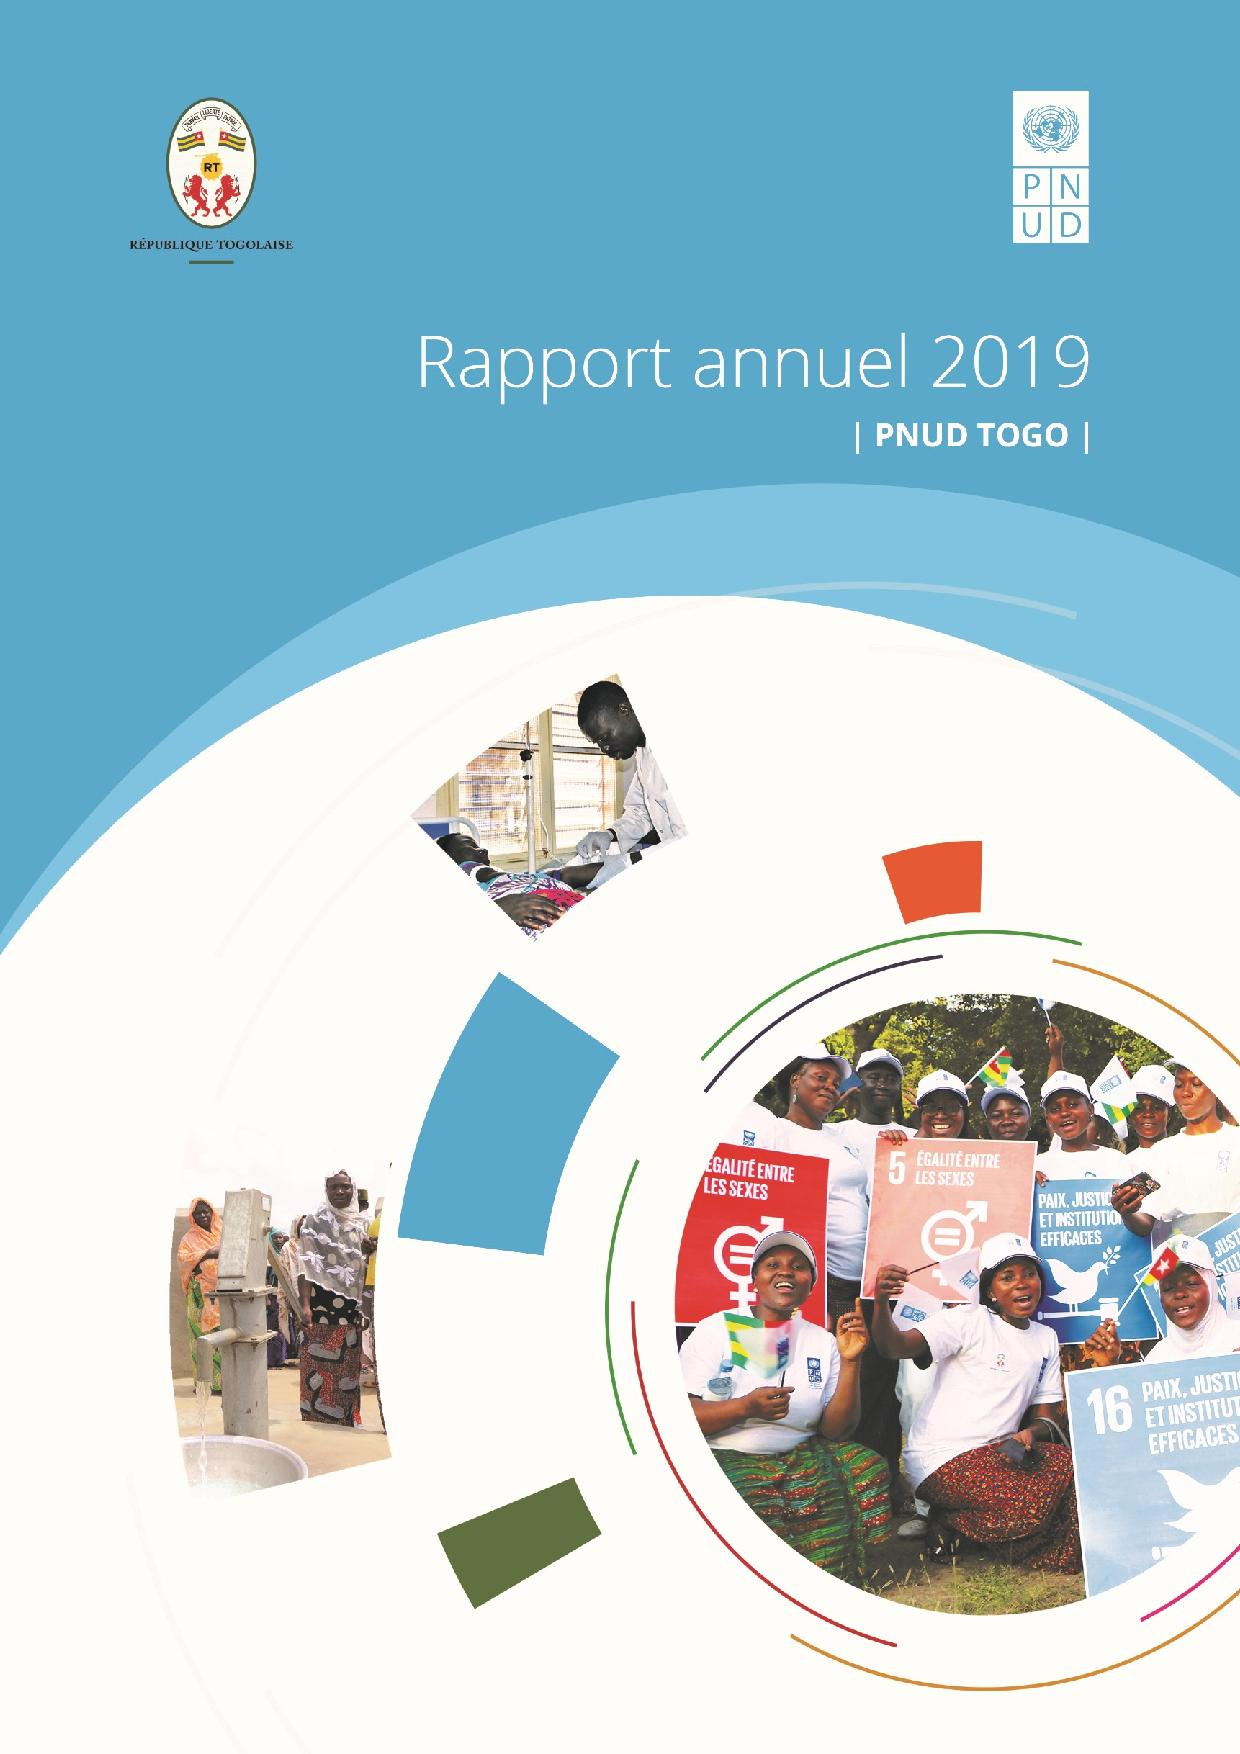 Rapport 2019 PNUD Togo